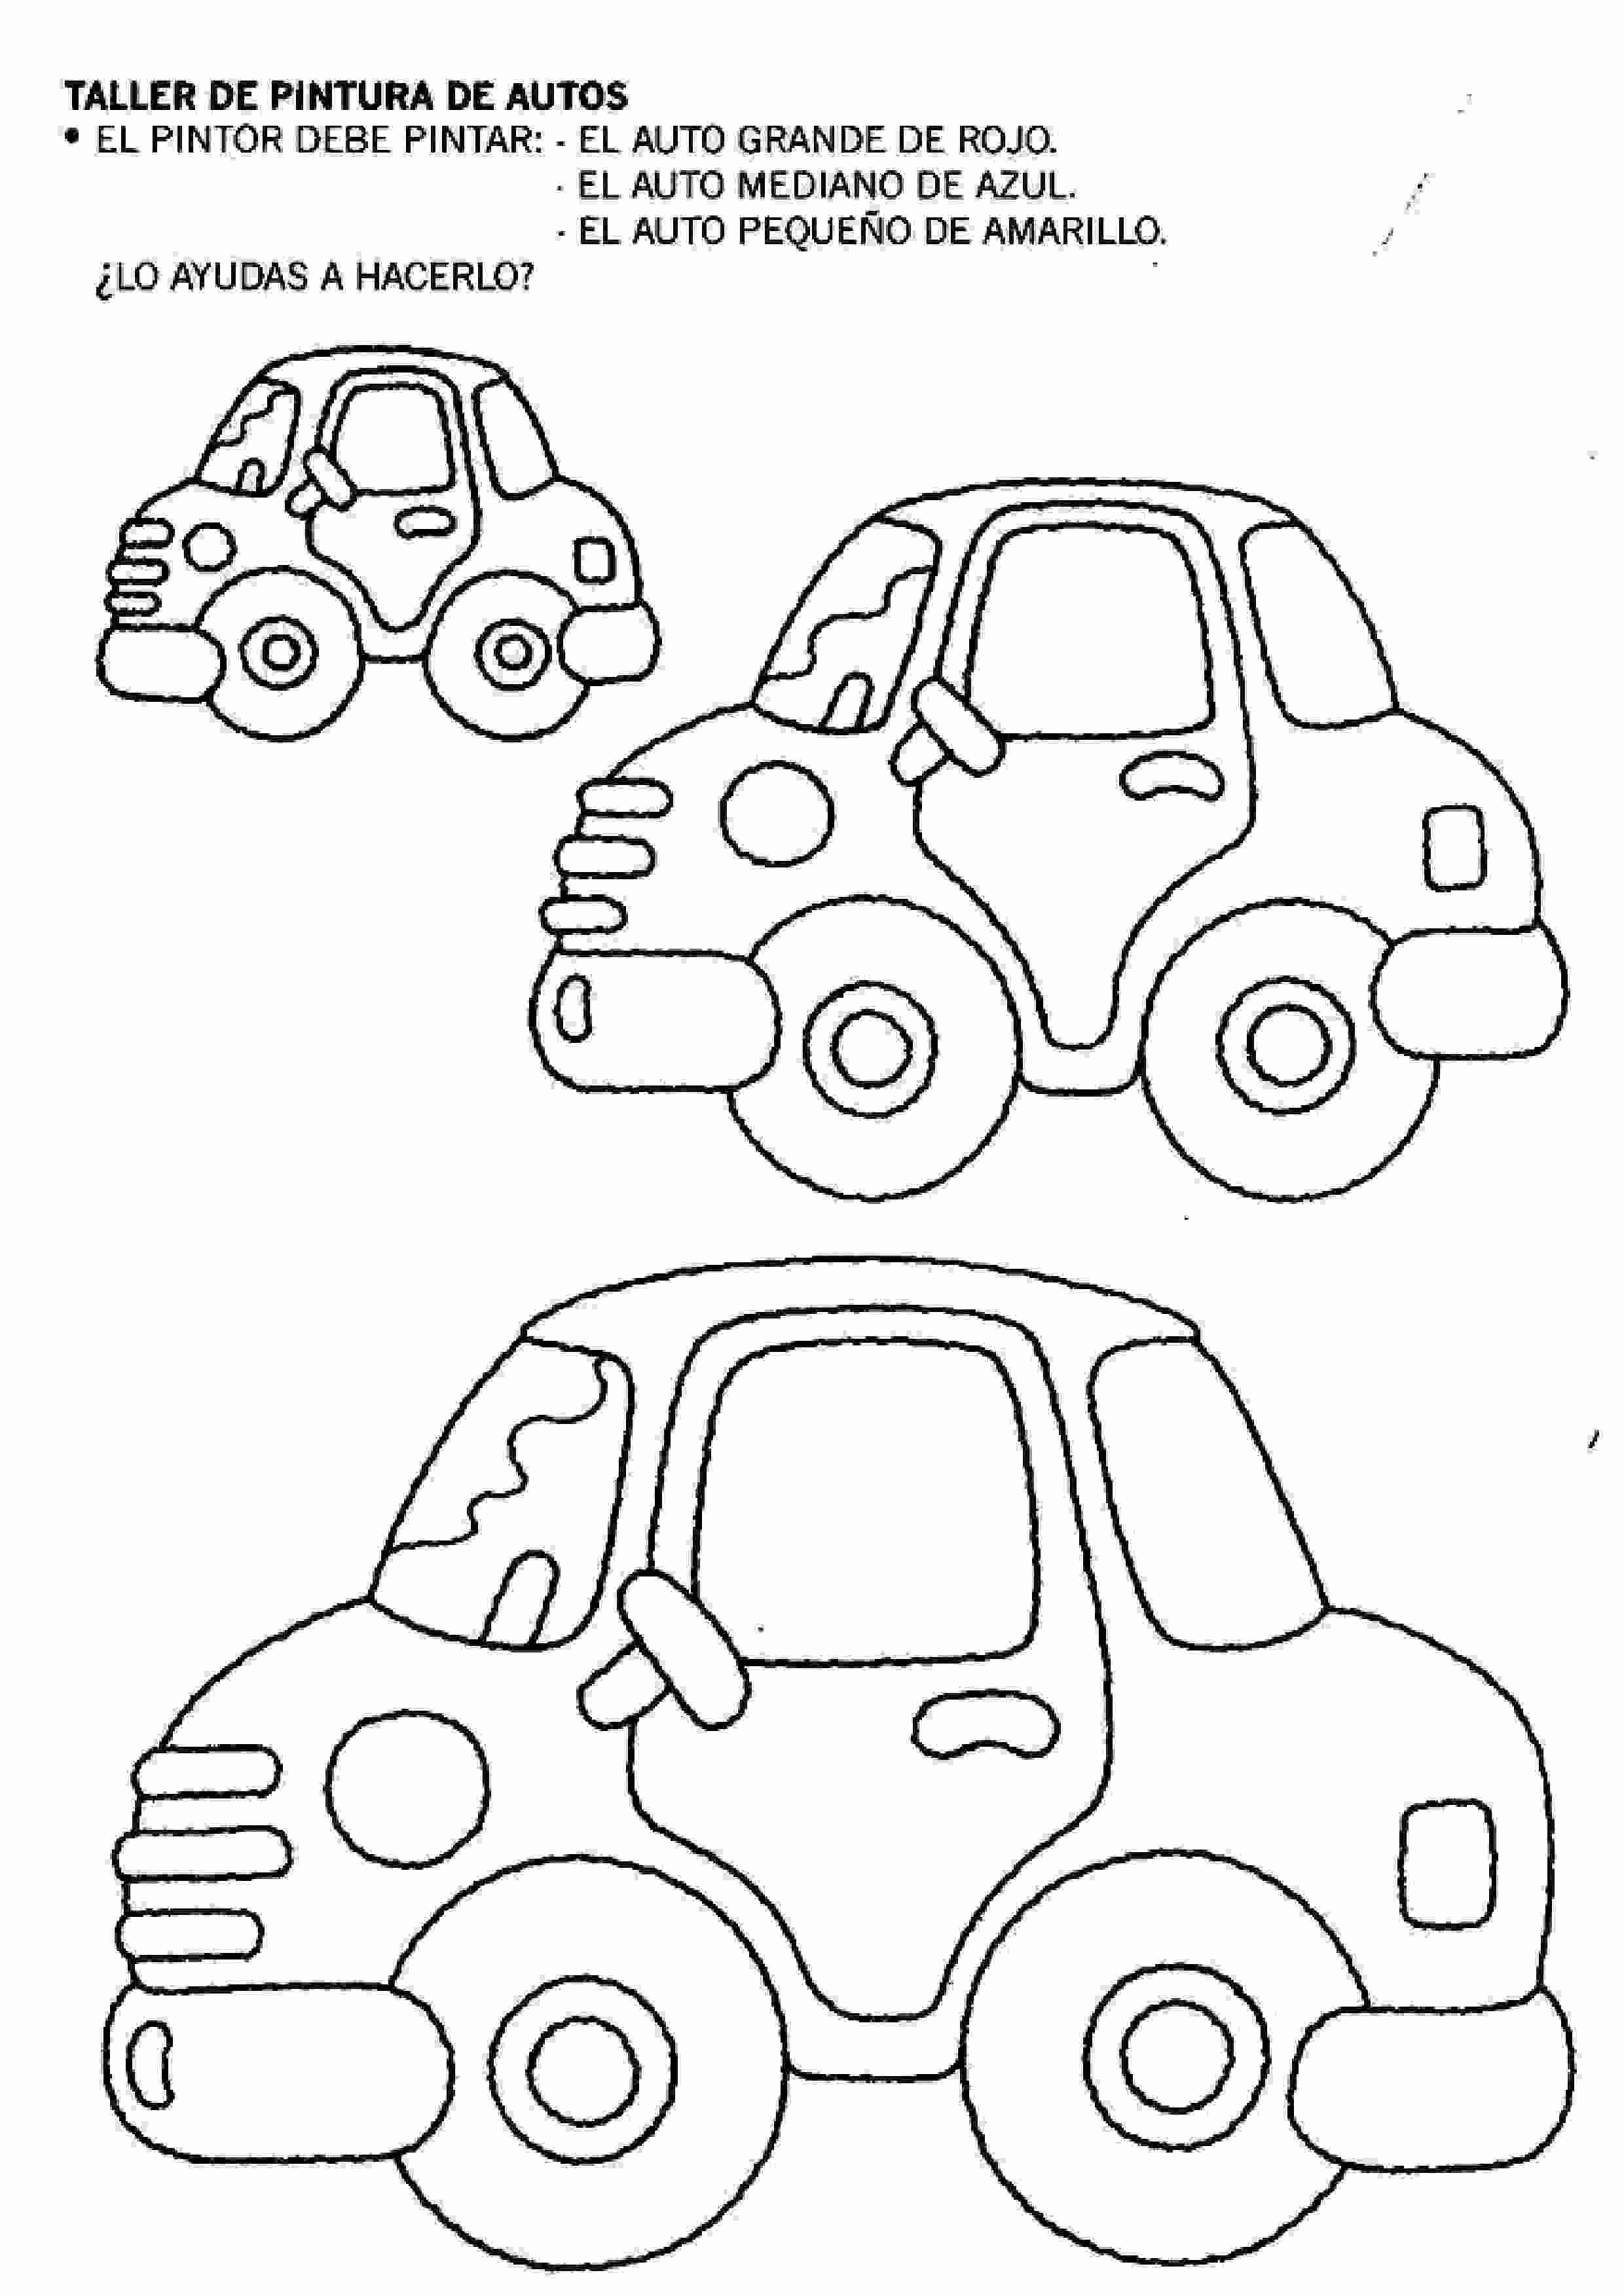 Fichas Para Imprimir Para Niños Relacionar Y Pintar 33 Actividades Para Niños Preescolar Niños De Preescolar Actividades Para Niños